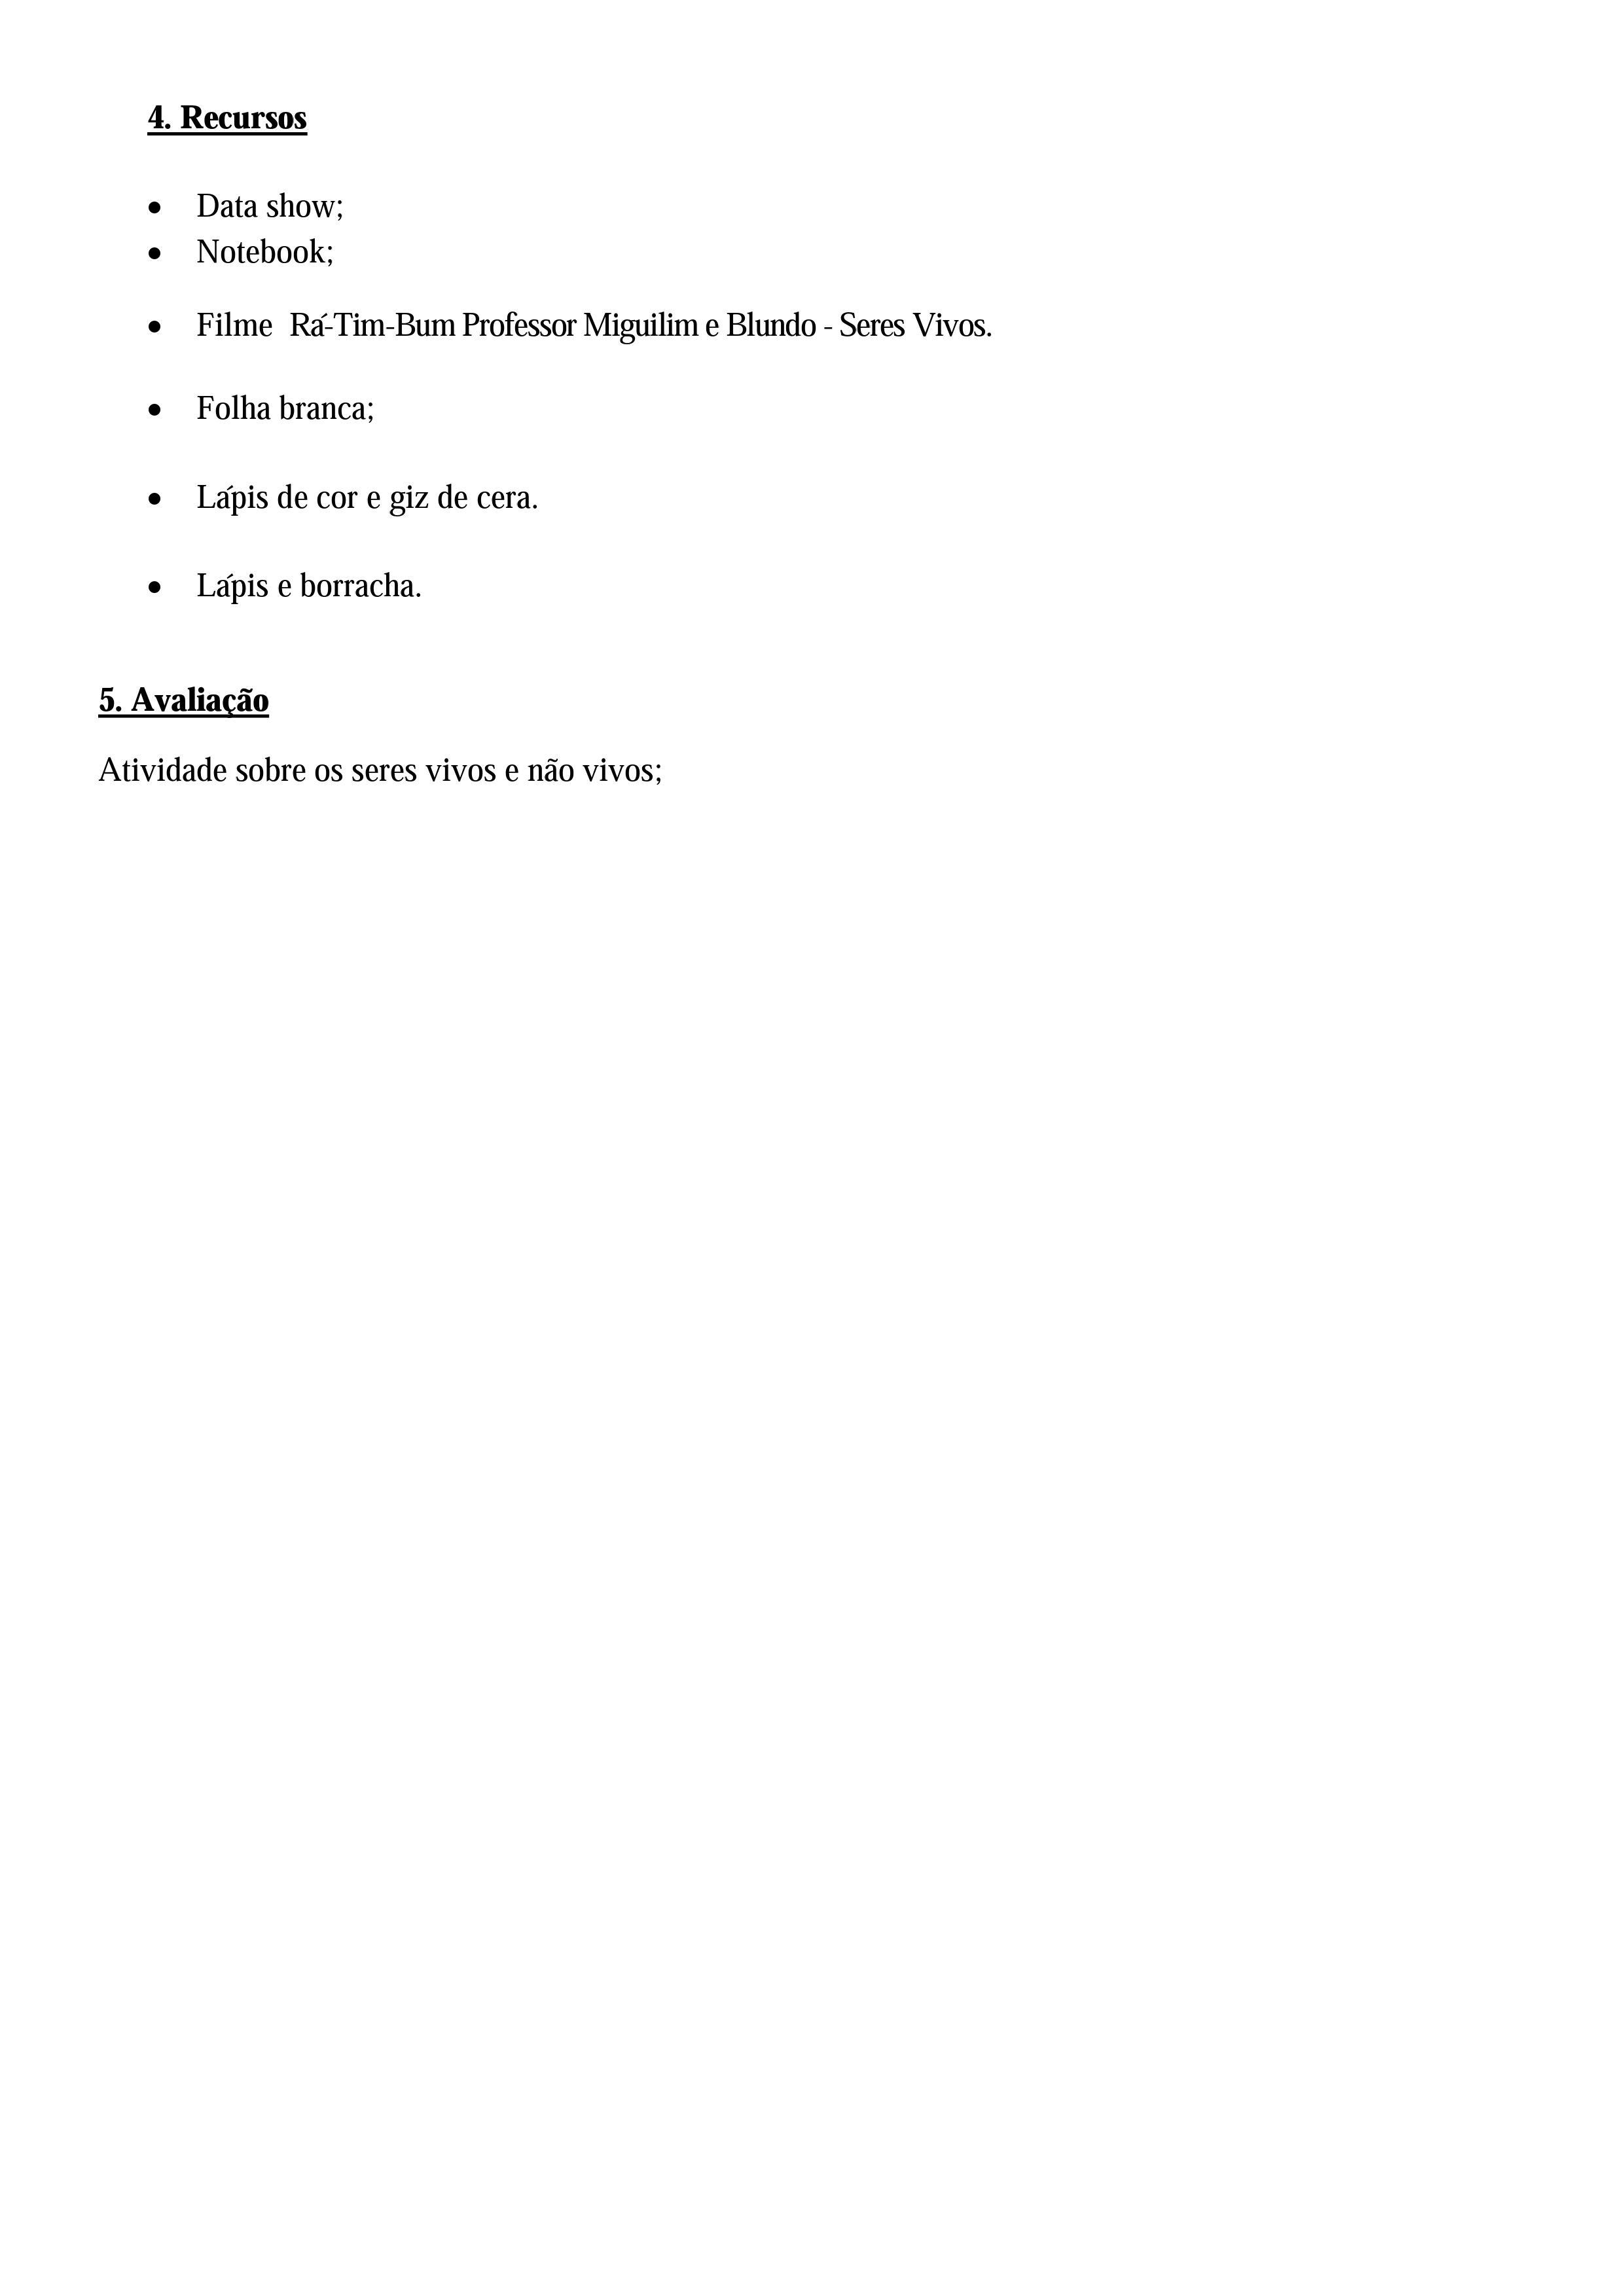 Plano de aula sobre os seres vivos e não vivos para o 1º ano pg2